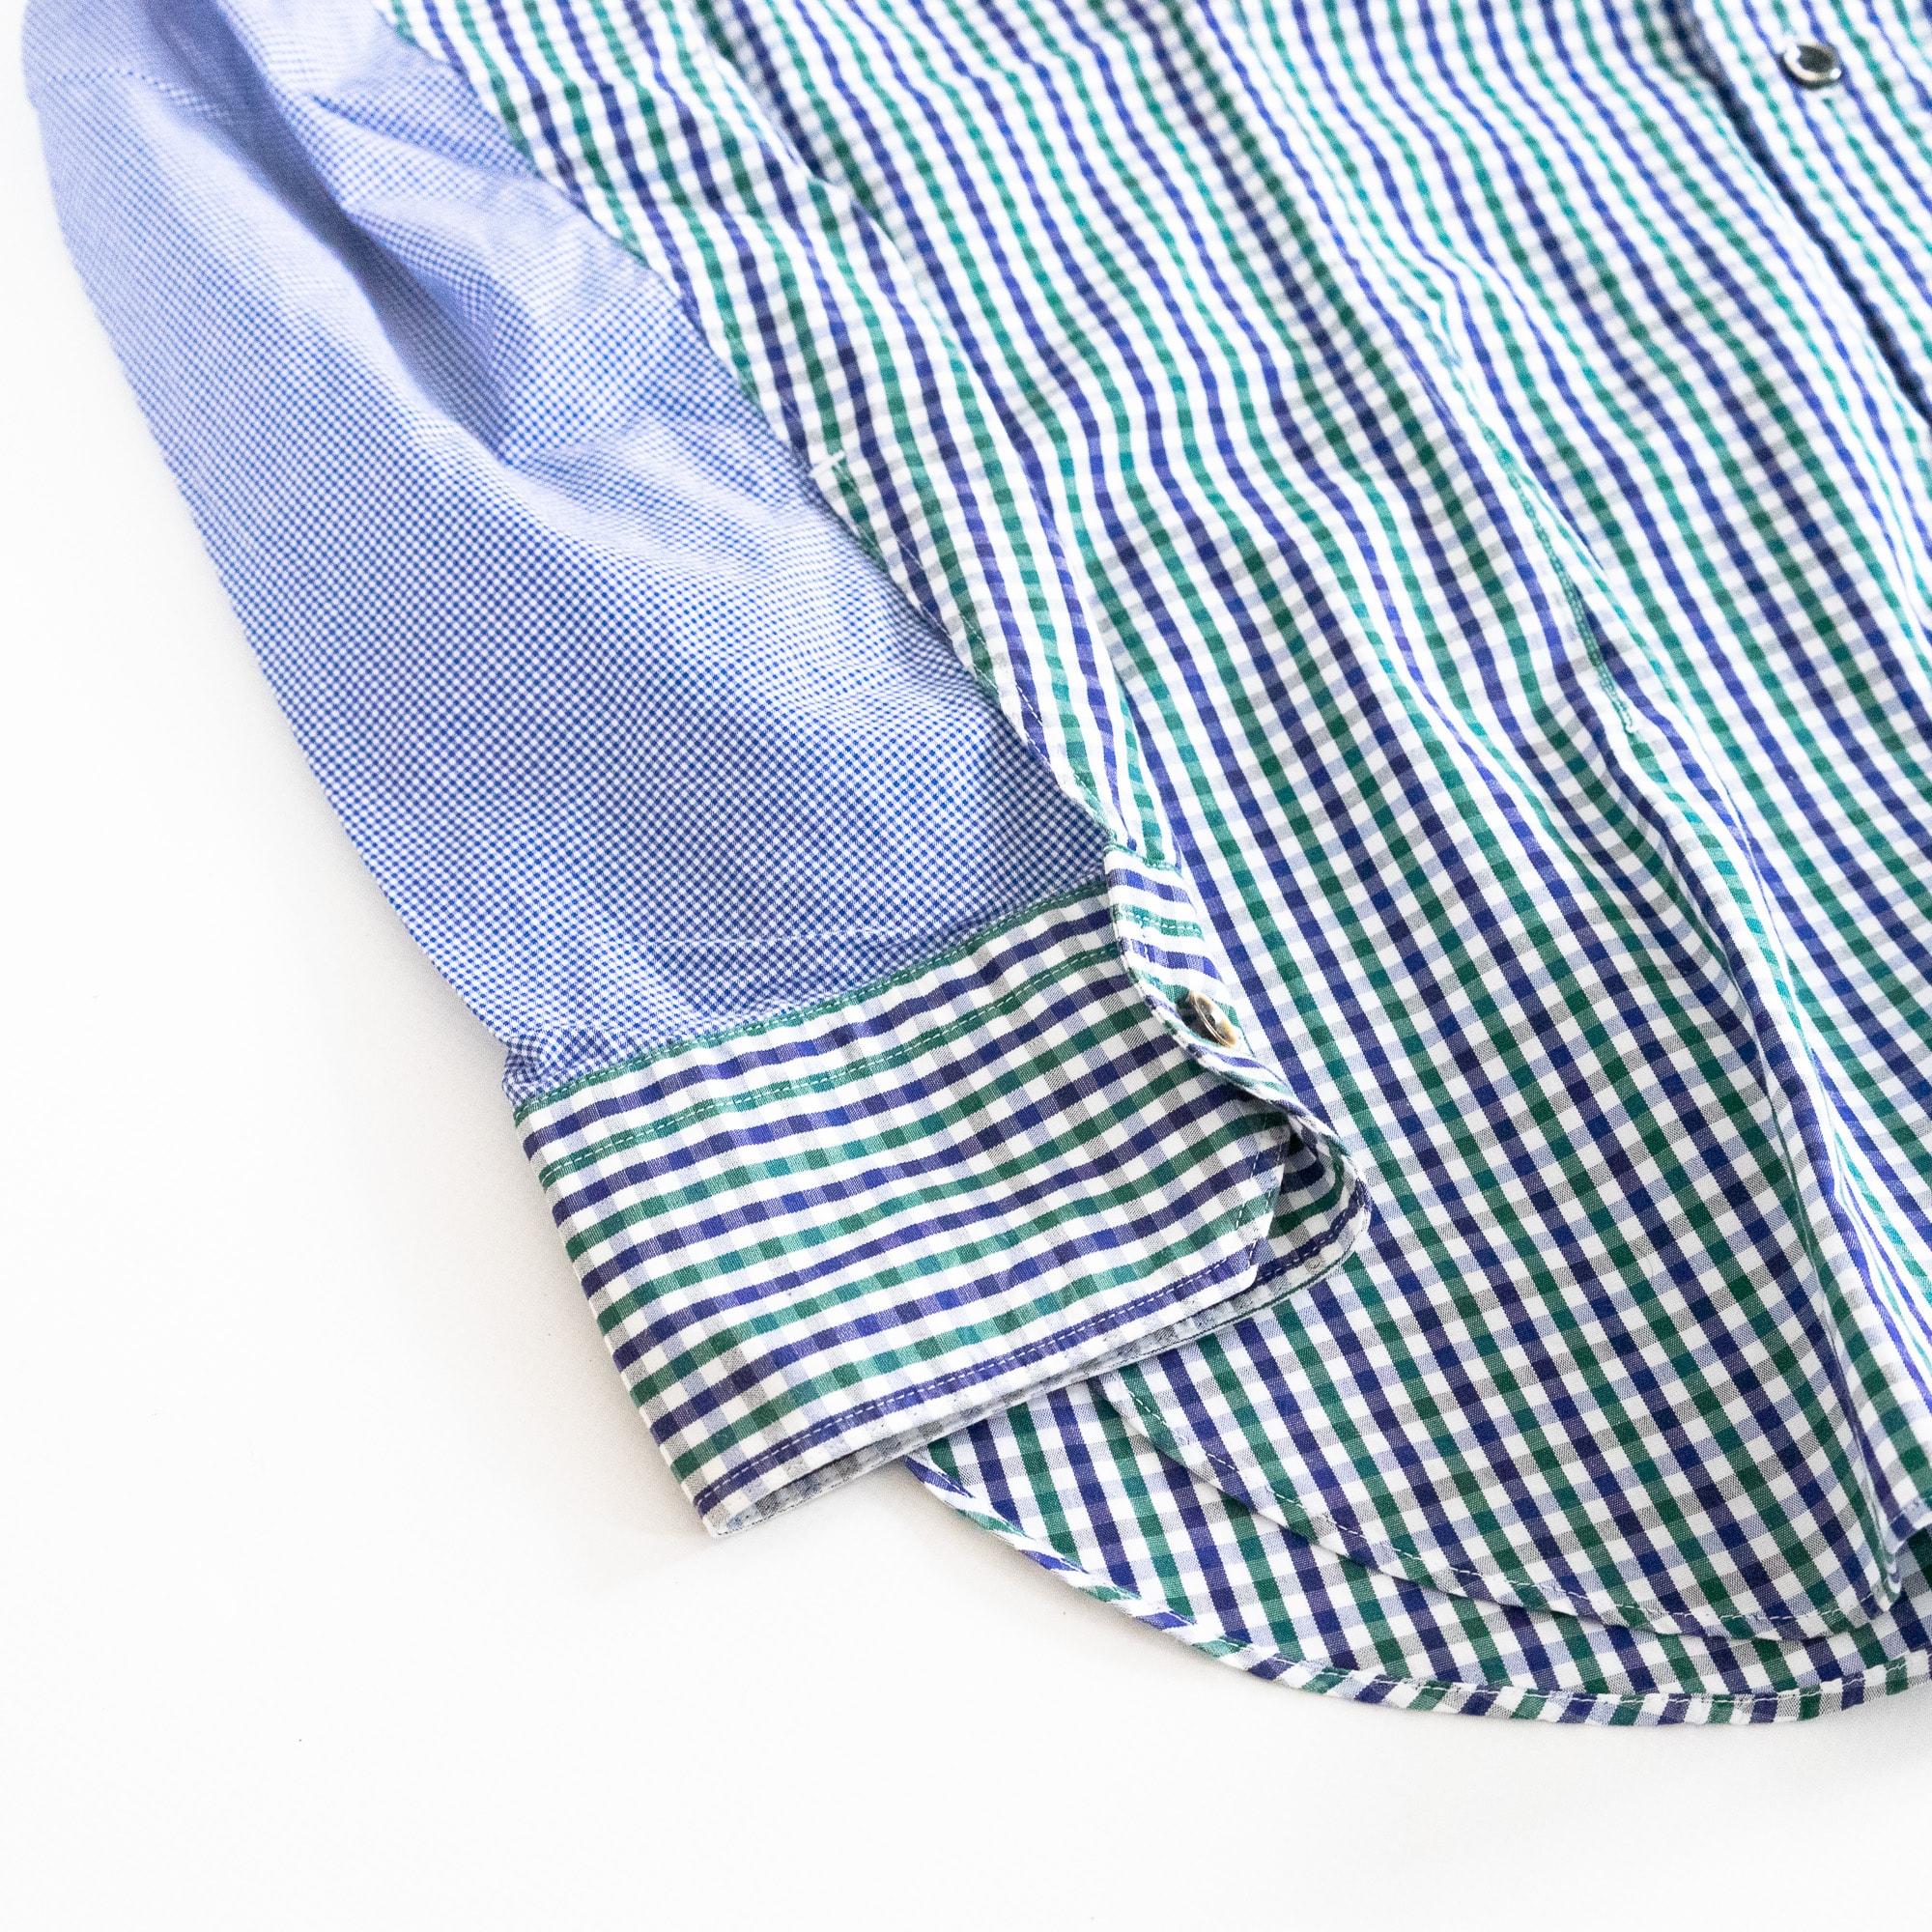 gebraucht kaufen Junya Watanabe / Comme des Garcons Man Hemd